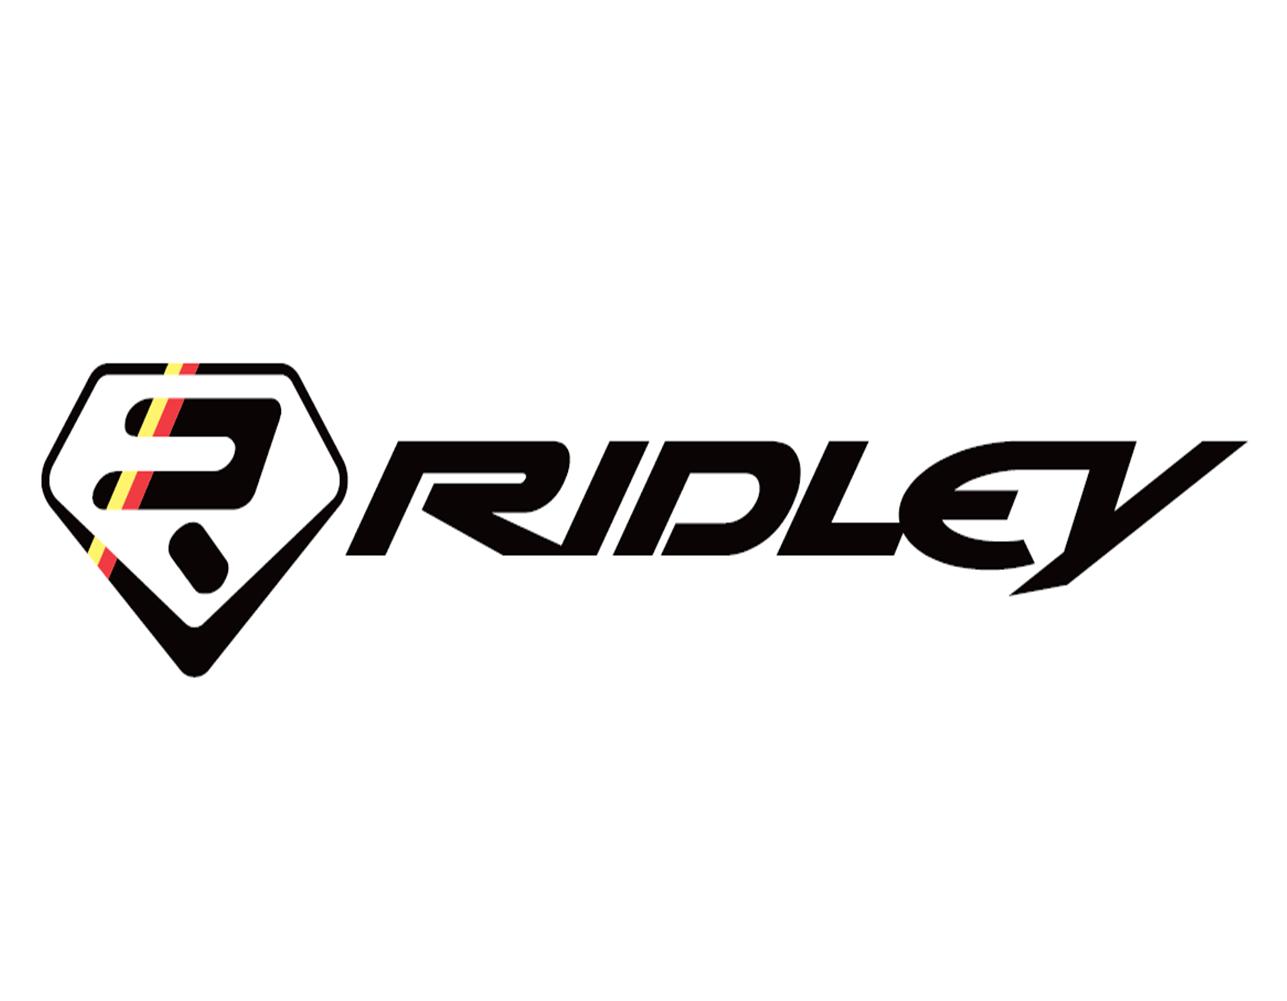 Ridley Logo Wallpaper